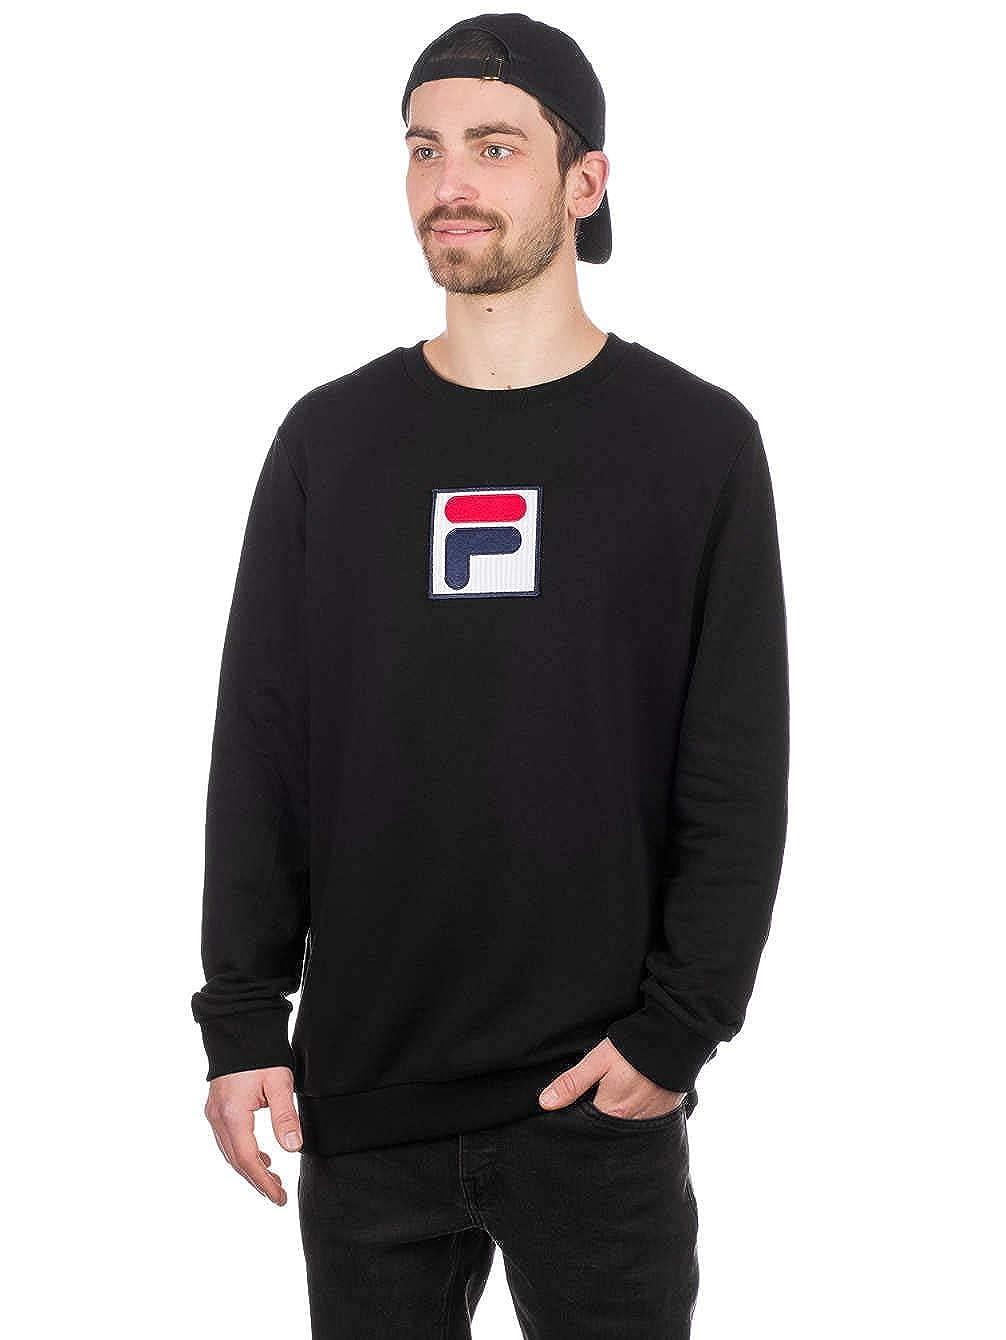 Fila Fila Fila Rian Crew Sweat, Sweatshirt B07FR5P1BK Sweatshirts Vollständige Spezifikation 4f76e8